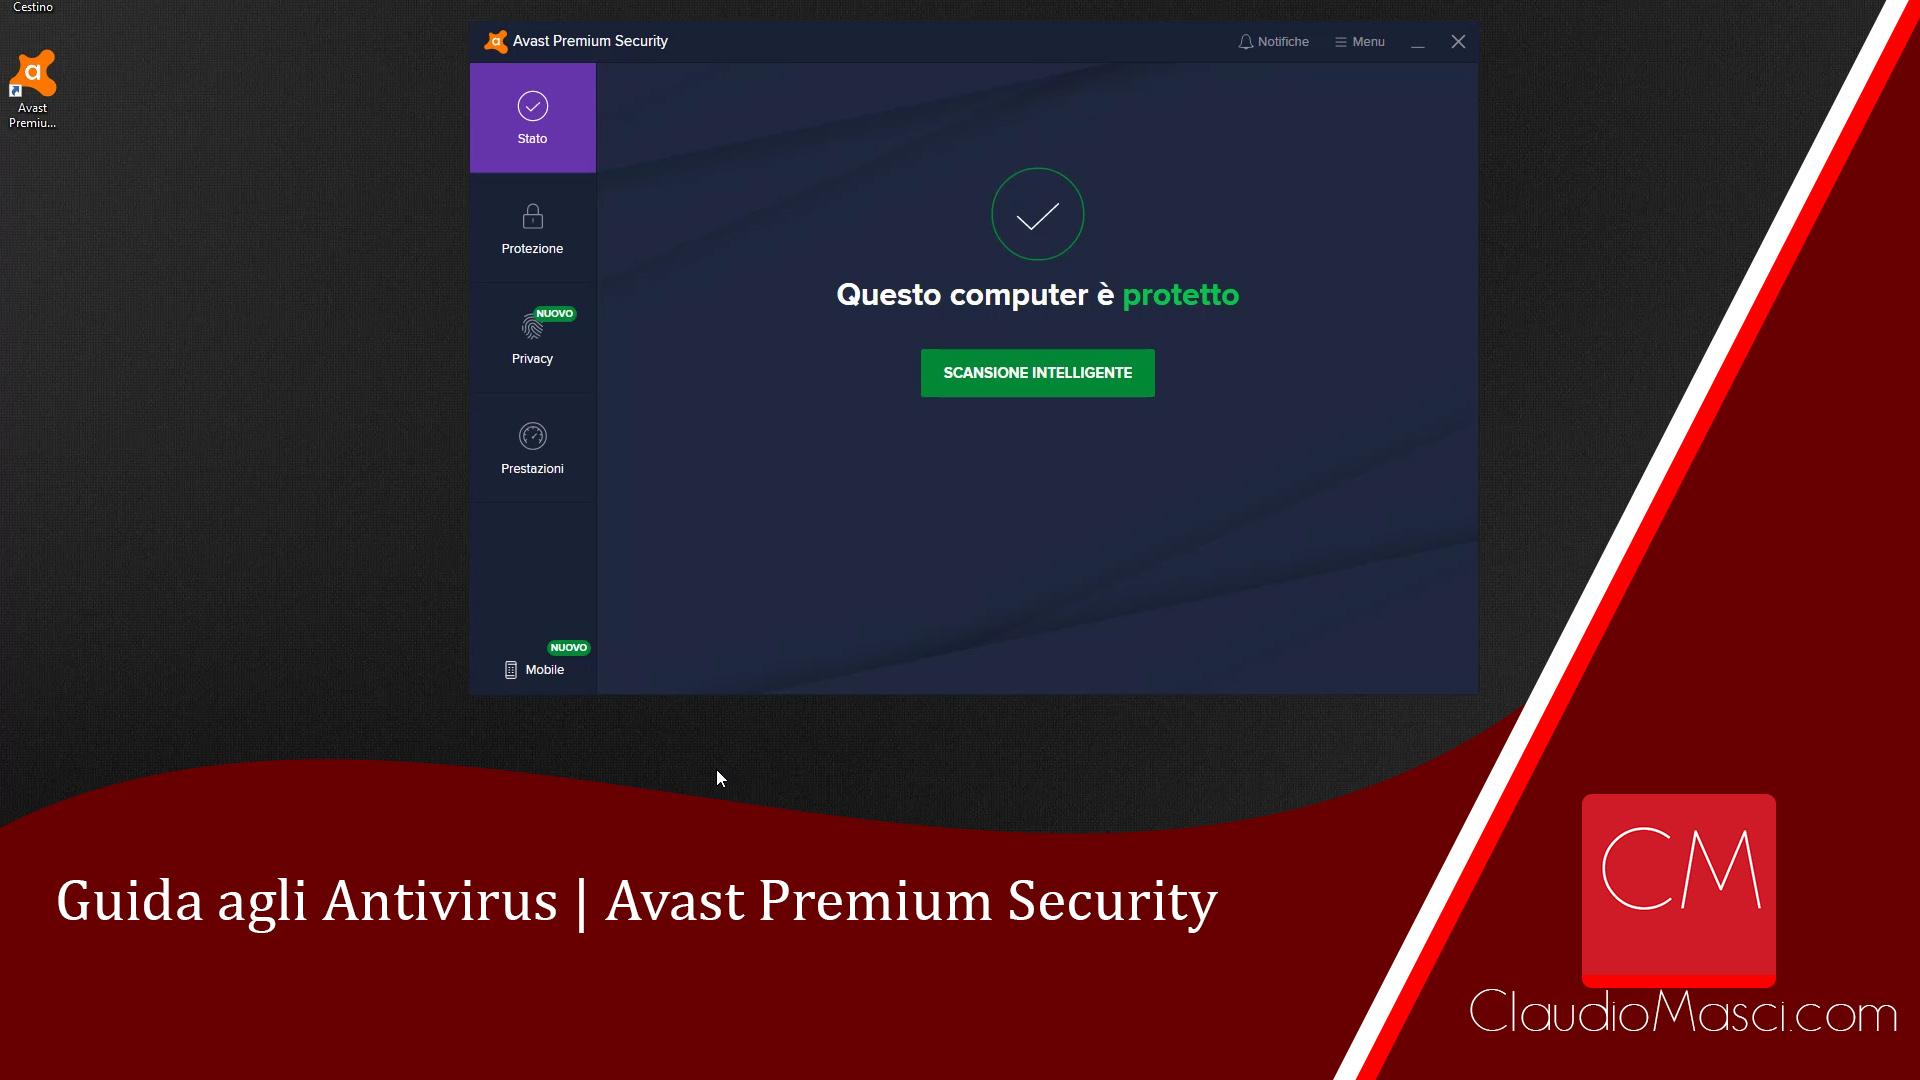 Guida agli Antivirus | Avast Premium Security